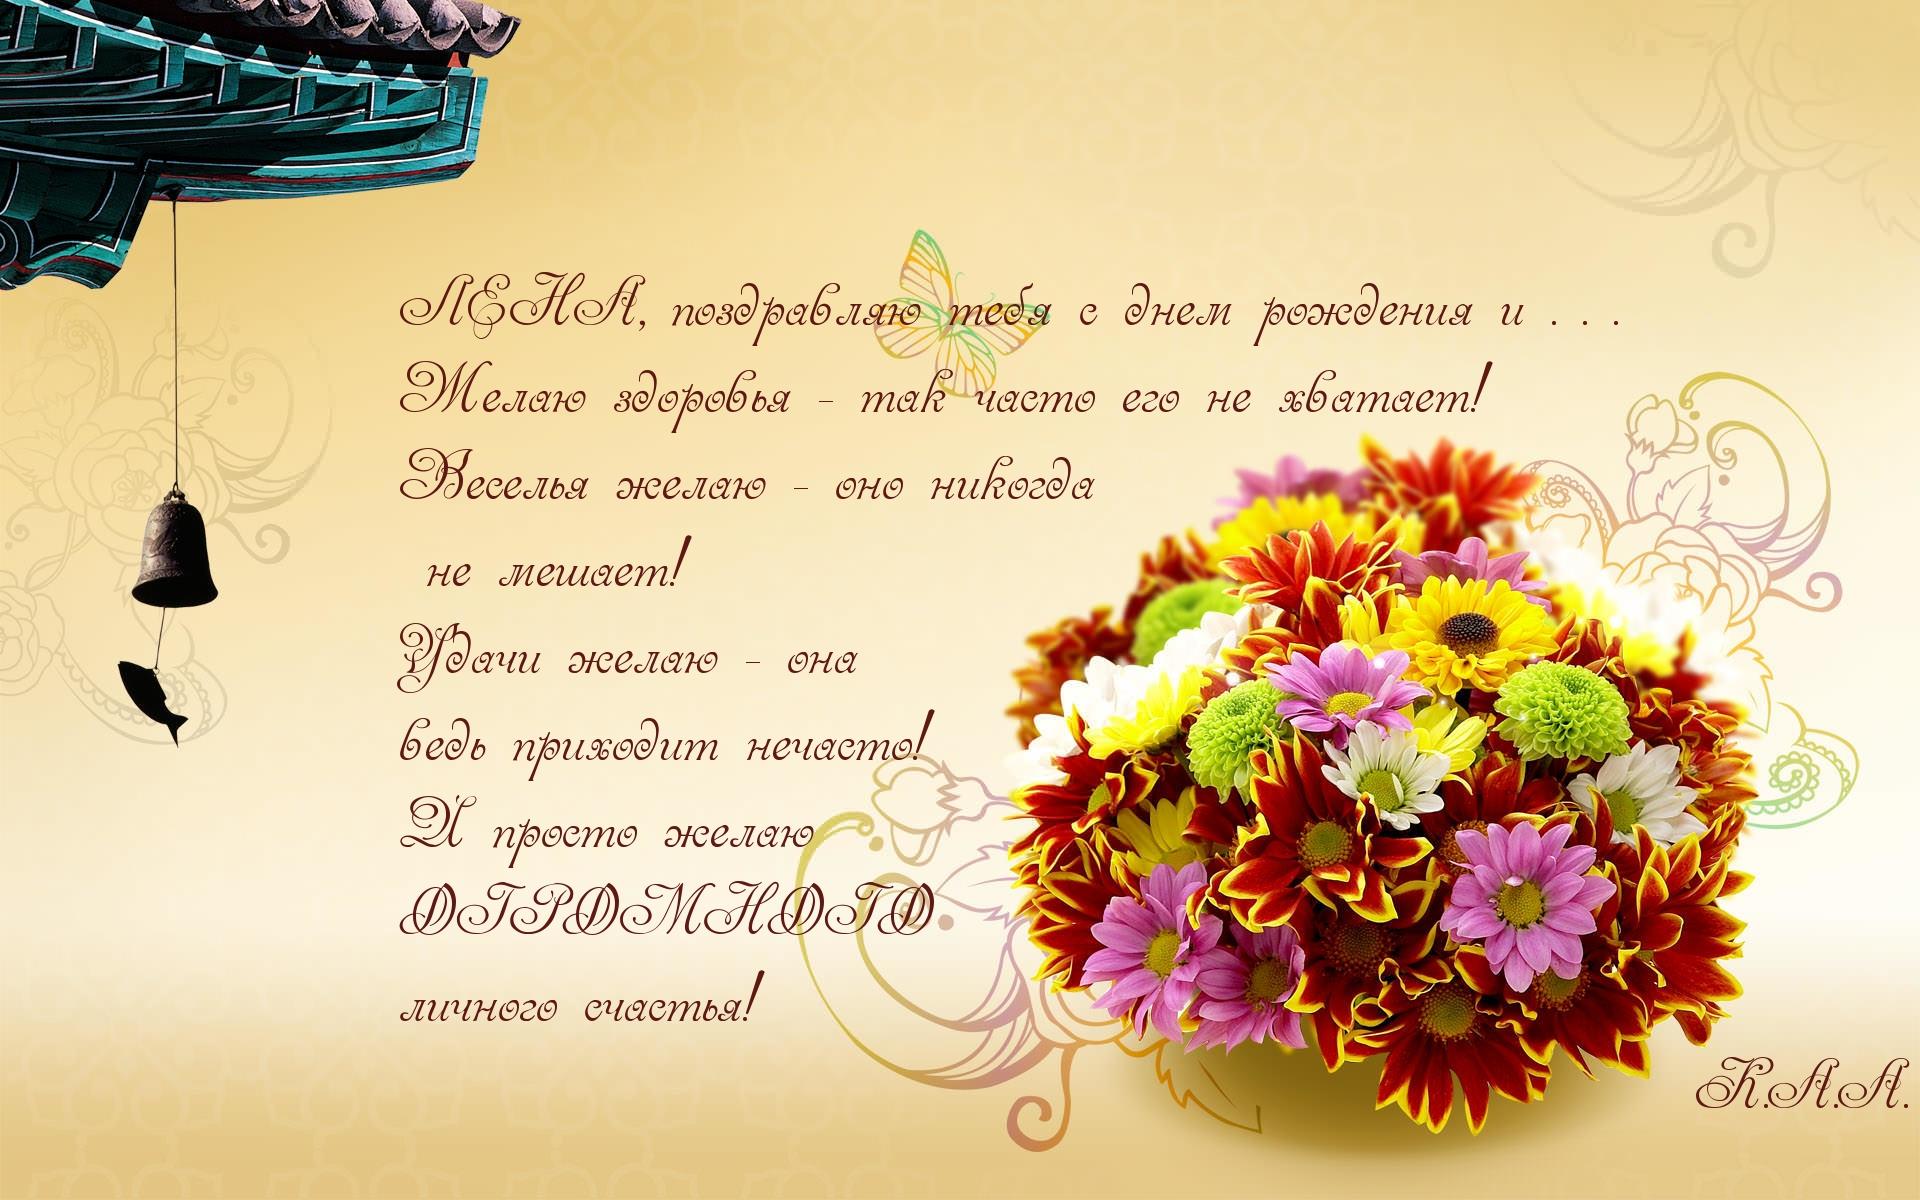 Прикольные поздравления с днем рождения Елене - Поздравок 26